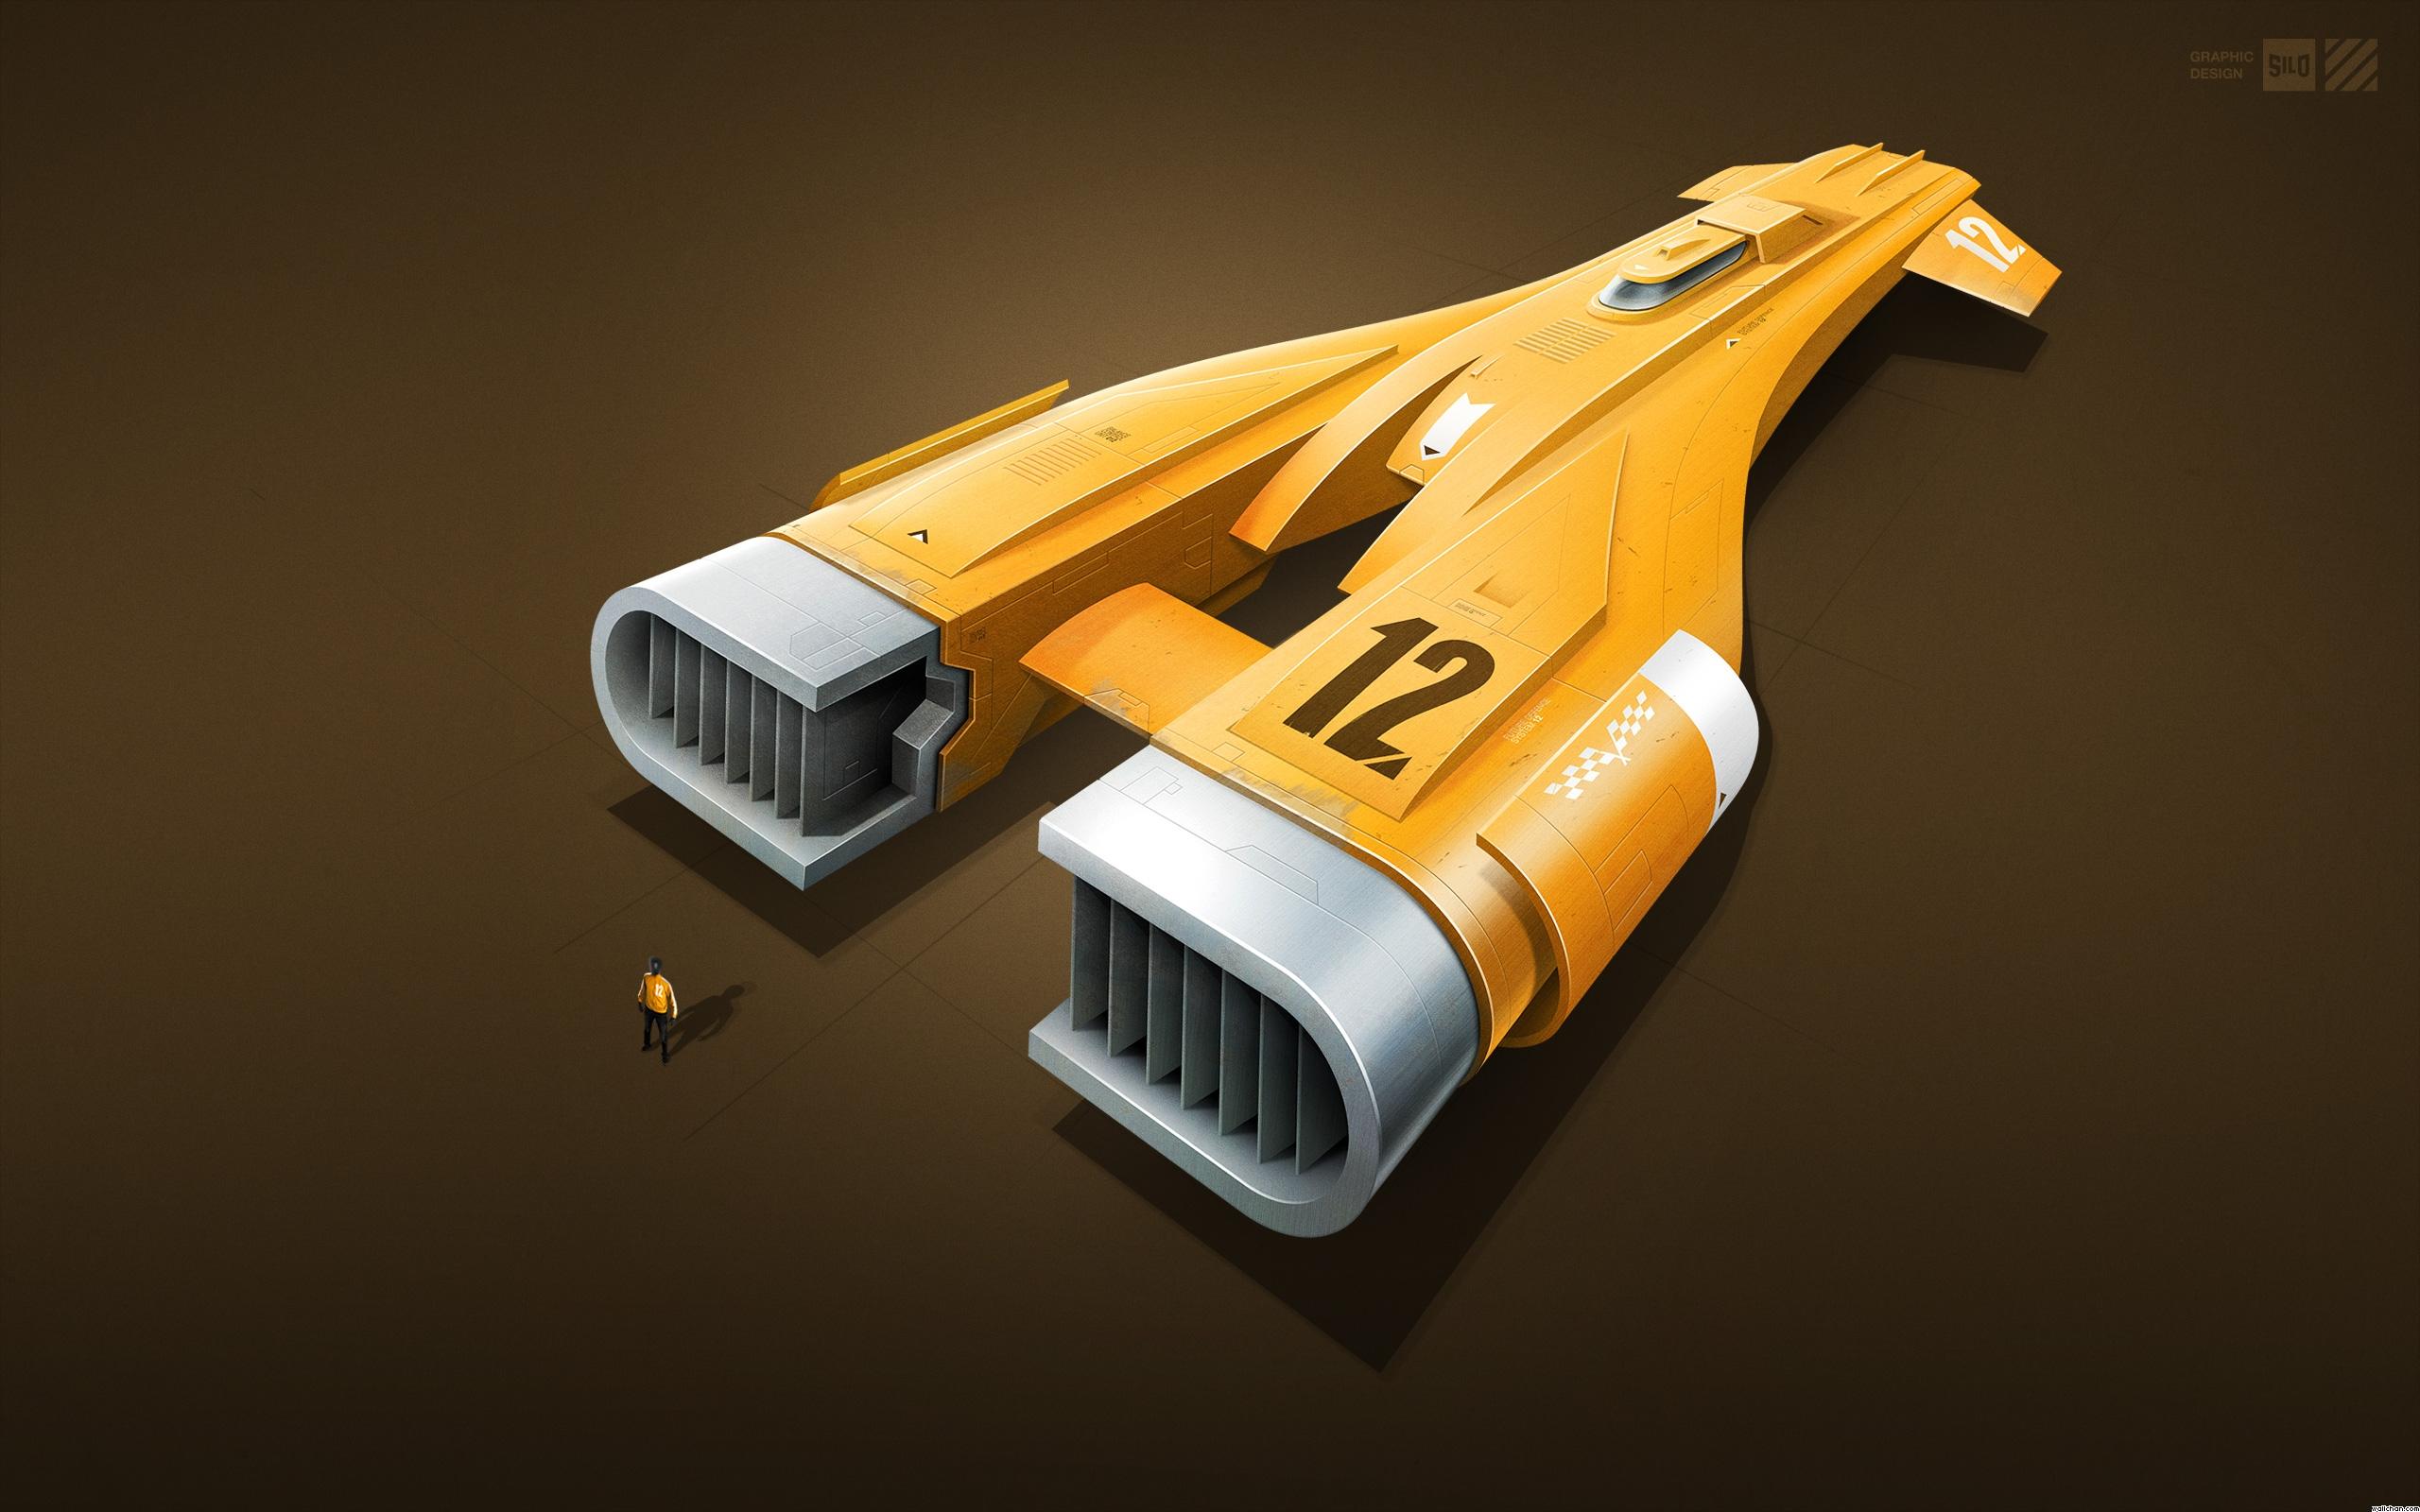 космический корабль, оранжевые обои, spaceship, wallpaper